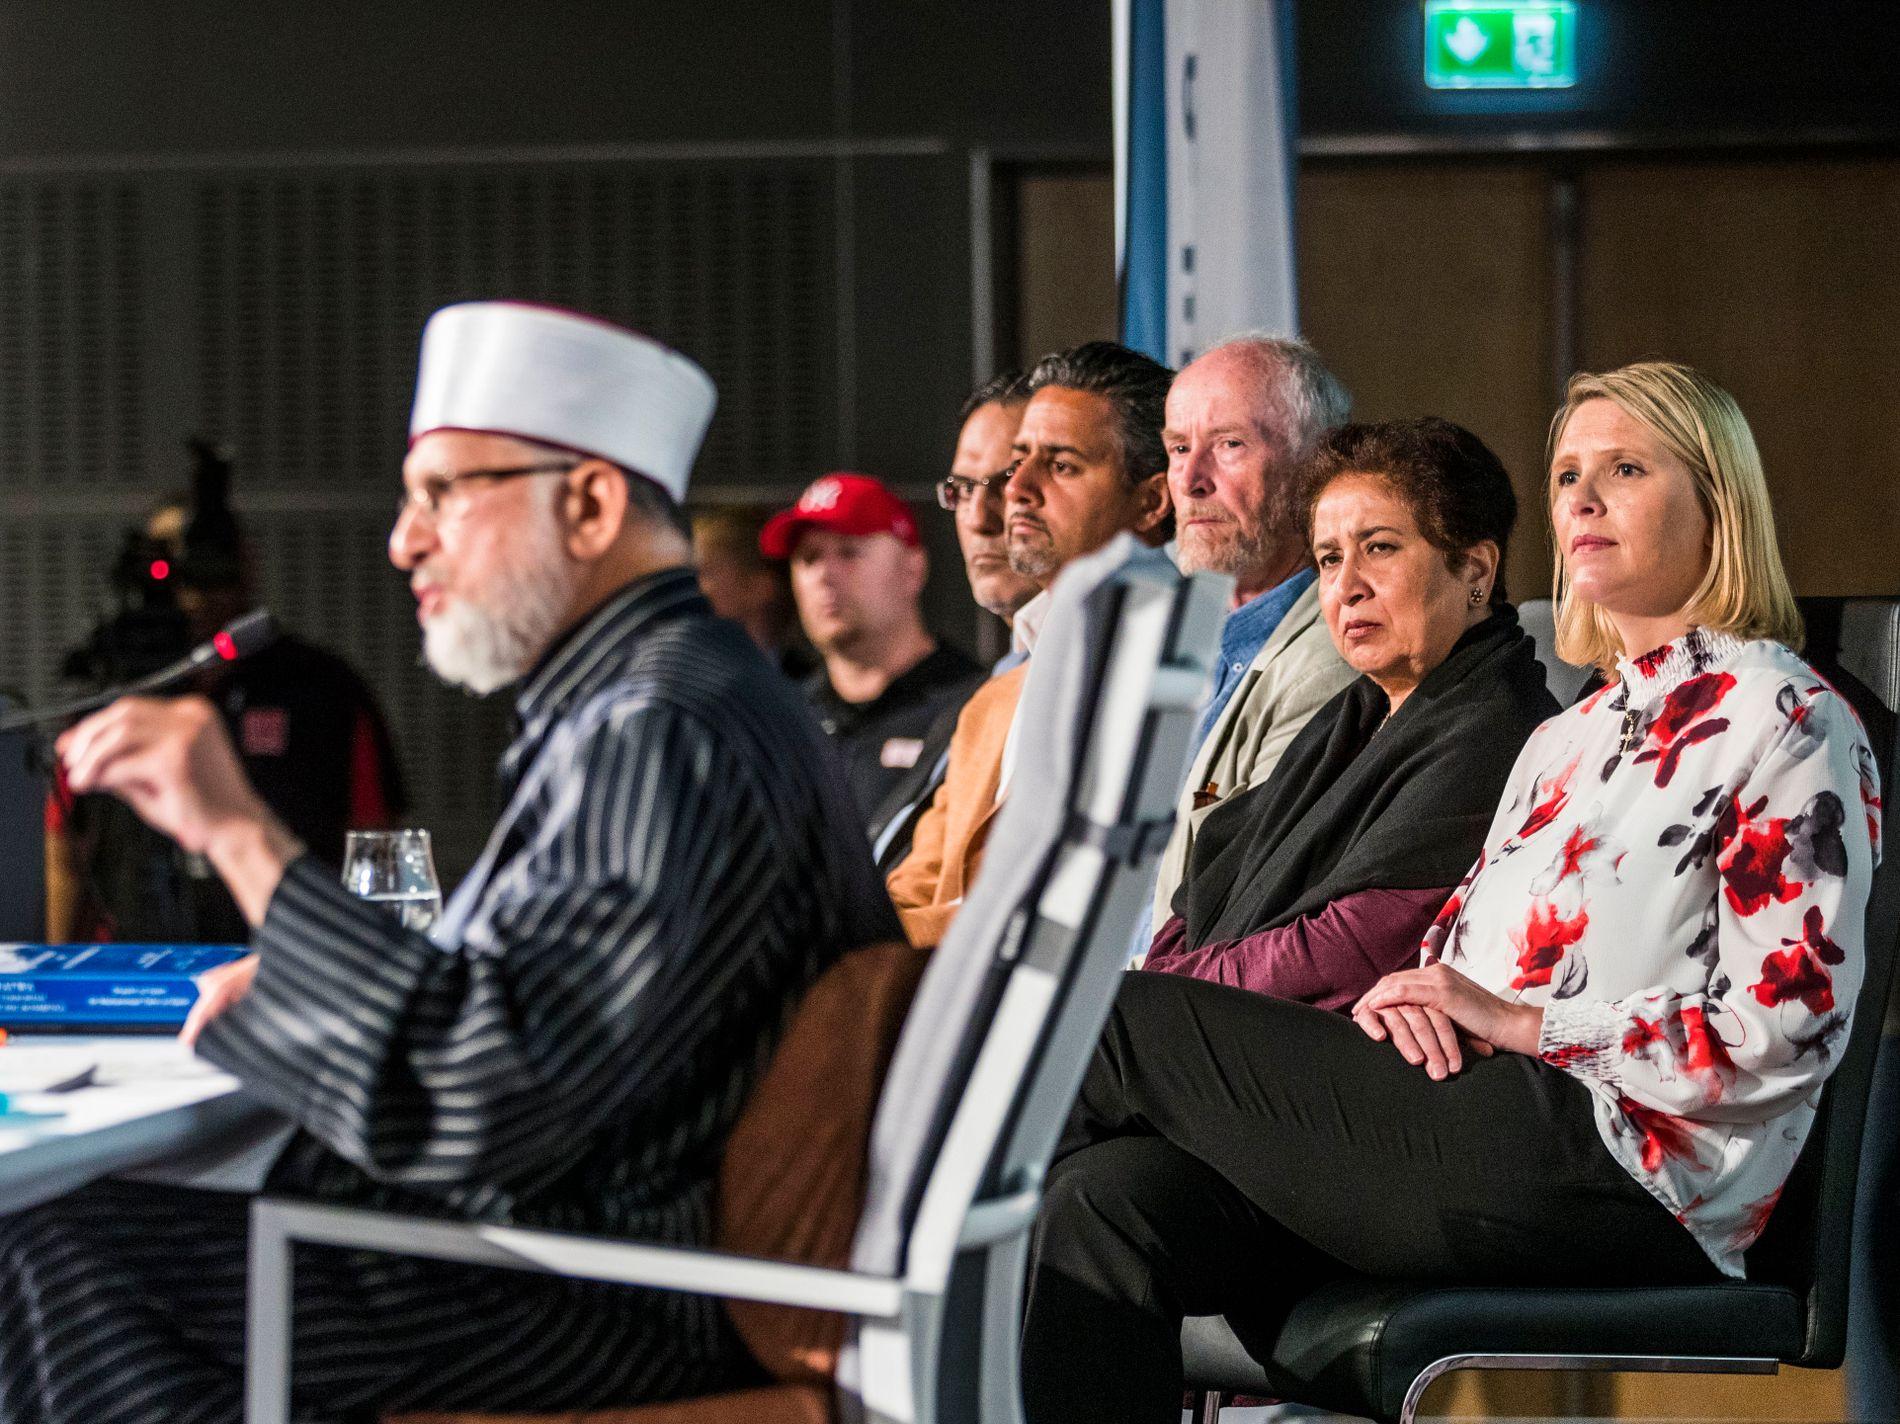 MUSLIMSK FREDSKONFERANSE: Innvandrings- og integreringsministeren var sammen med flere andre invitert til konferansen i Sarpsborg fredag. Fra høyre i bakgrunnen: Sylvi Listhaug (Frp), Pakistans ambassadør til Norge, Risfat Masood, fylkesordfører i Østfold, Ole Haabeth (Ap) og  stortingsrepresentant Abid Raja (V),  og hovedtaler Dr. Muhammad Tahir-ul-Qadri (i forgrunnen til venstre).